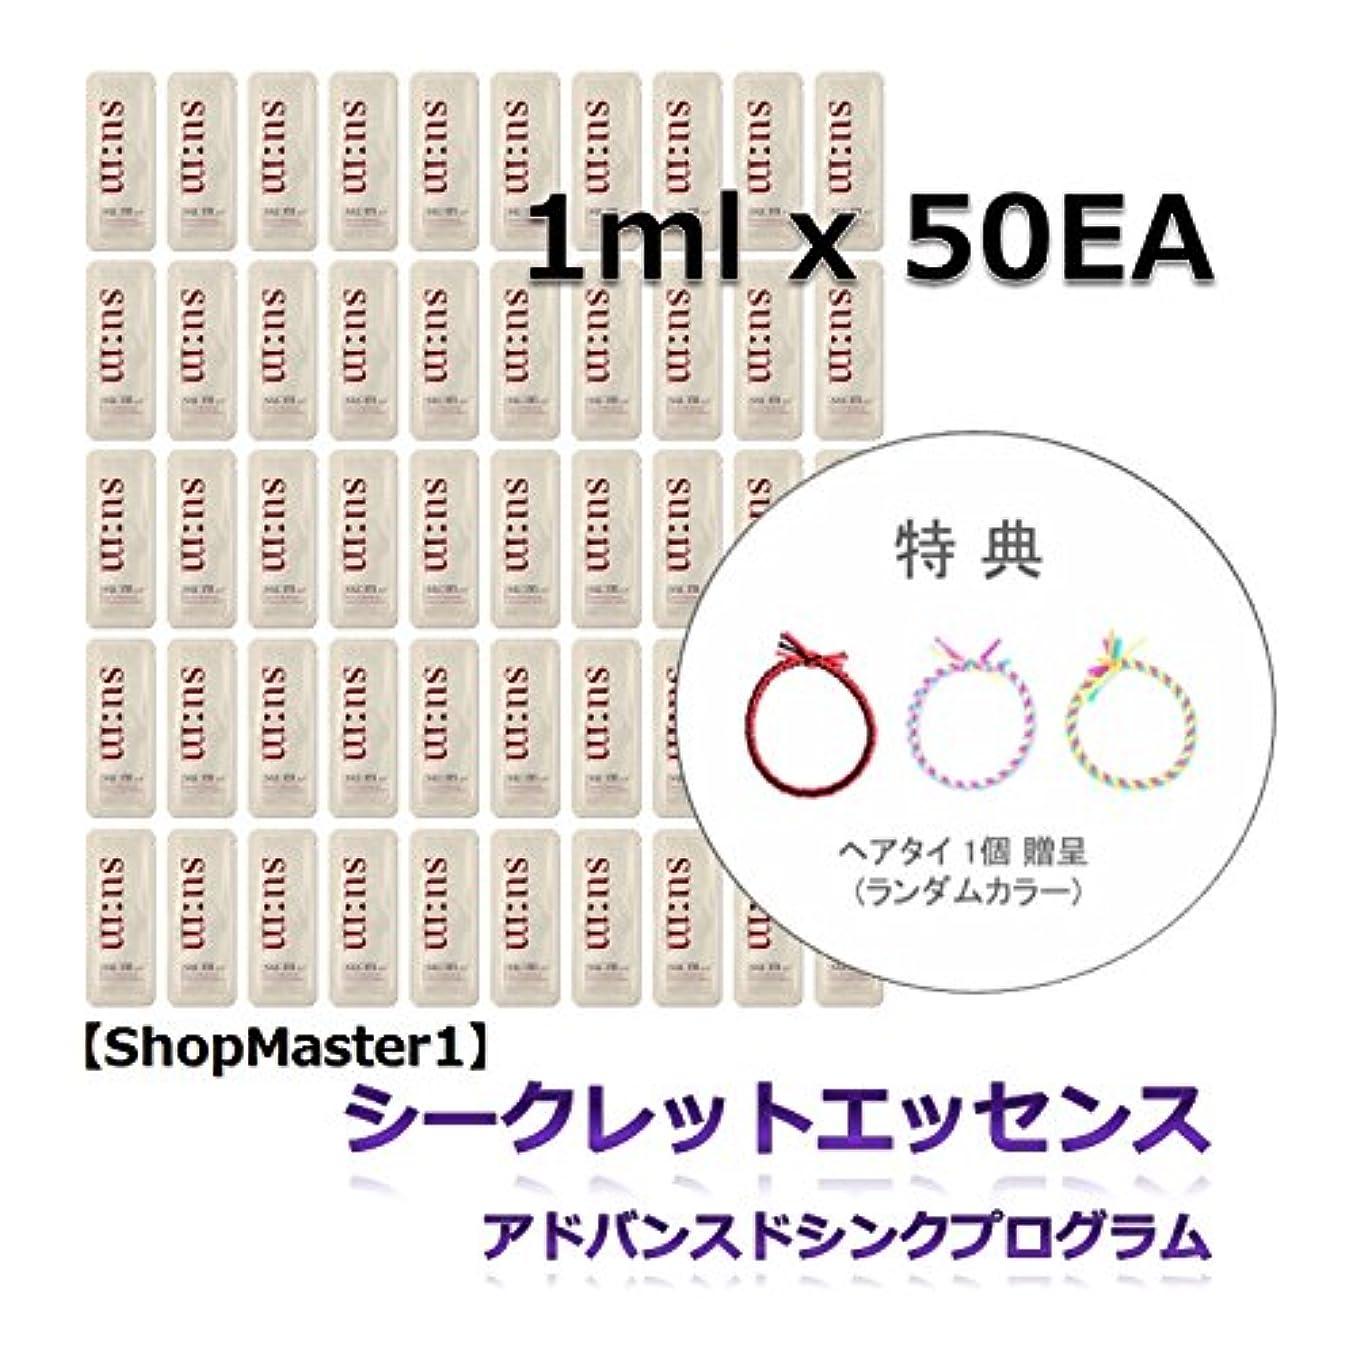 連続したまどろみのある乳【スム37° su:m37°】シークレットエッセンス 1ml x 50枚 / Secret Essence 1ml x 50EA / 特典 - ヘアタイ贈呈(ランダムカラー) [並行輸入品]